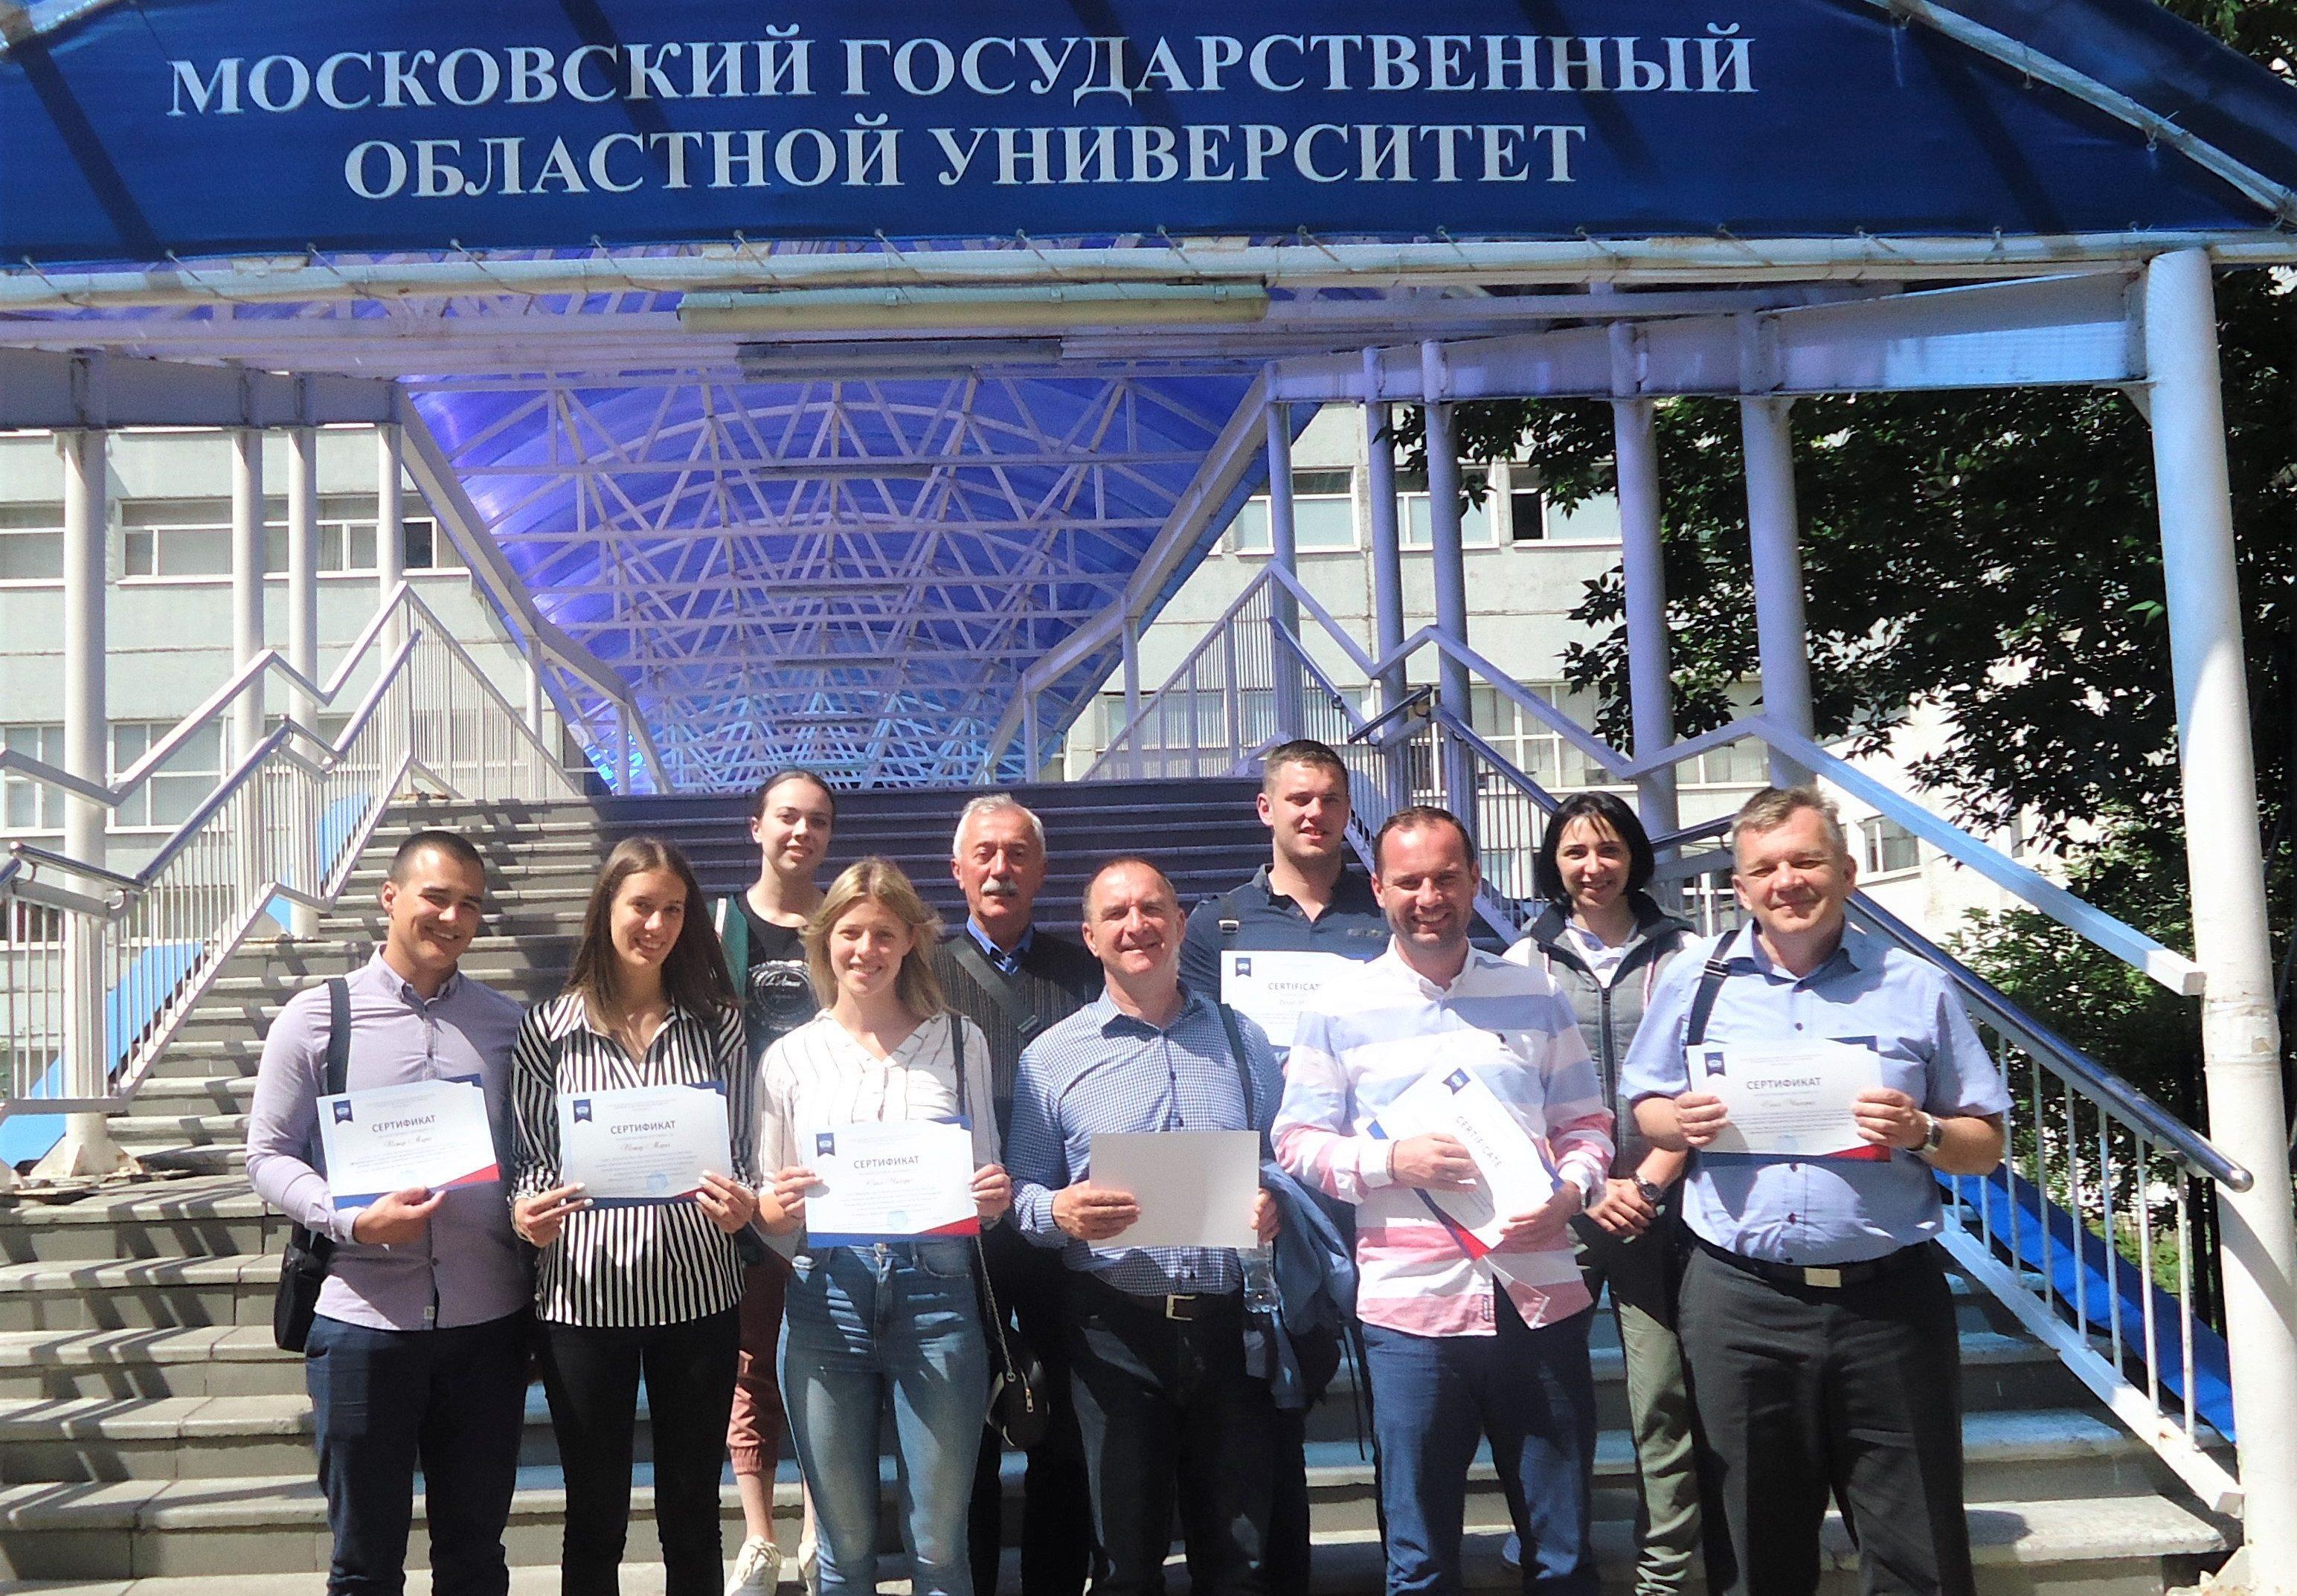 Студијска посјета и научно-практична конференција на Московском Државном Обласном Универзитету